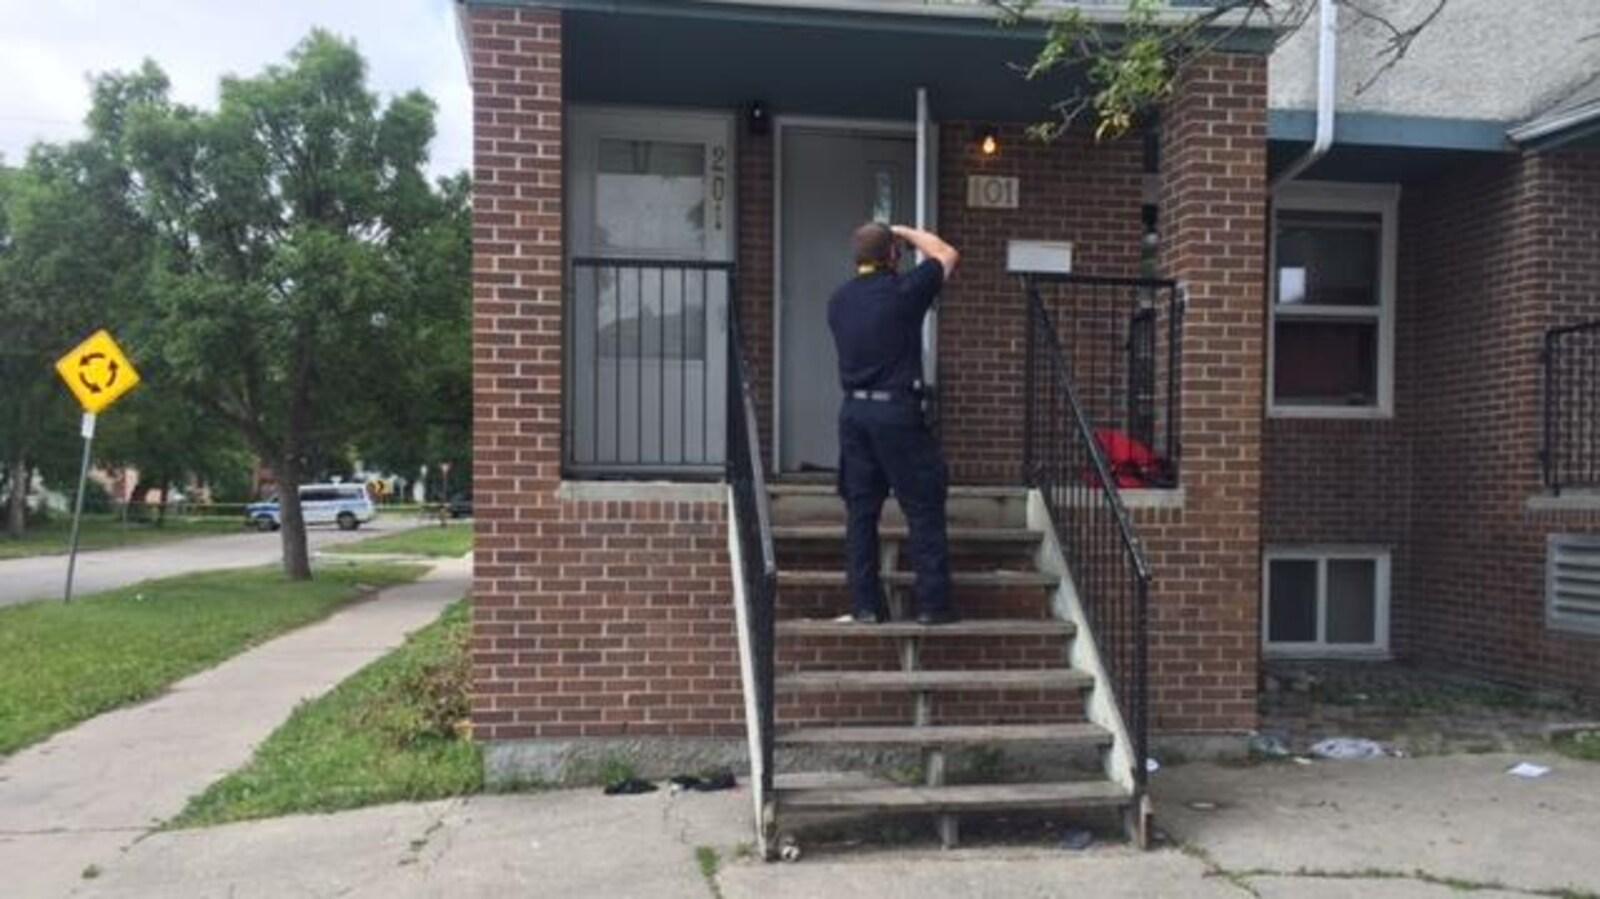 La police de Winnipeg enquête sur un homicide survenu vendredi soir dans le quartier North End.